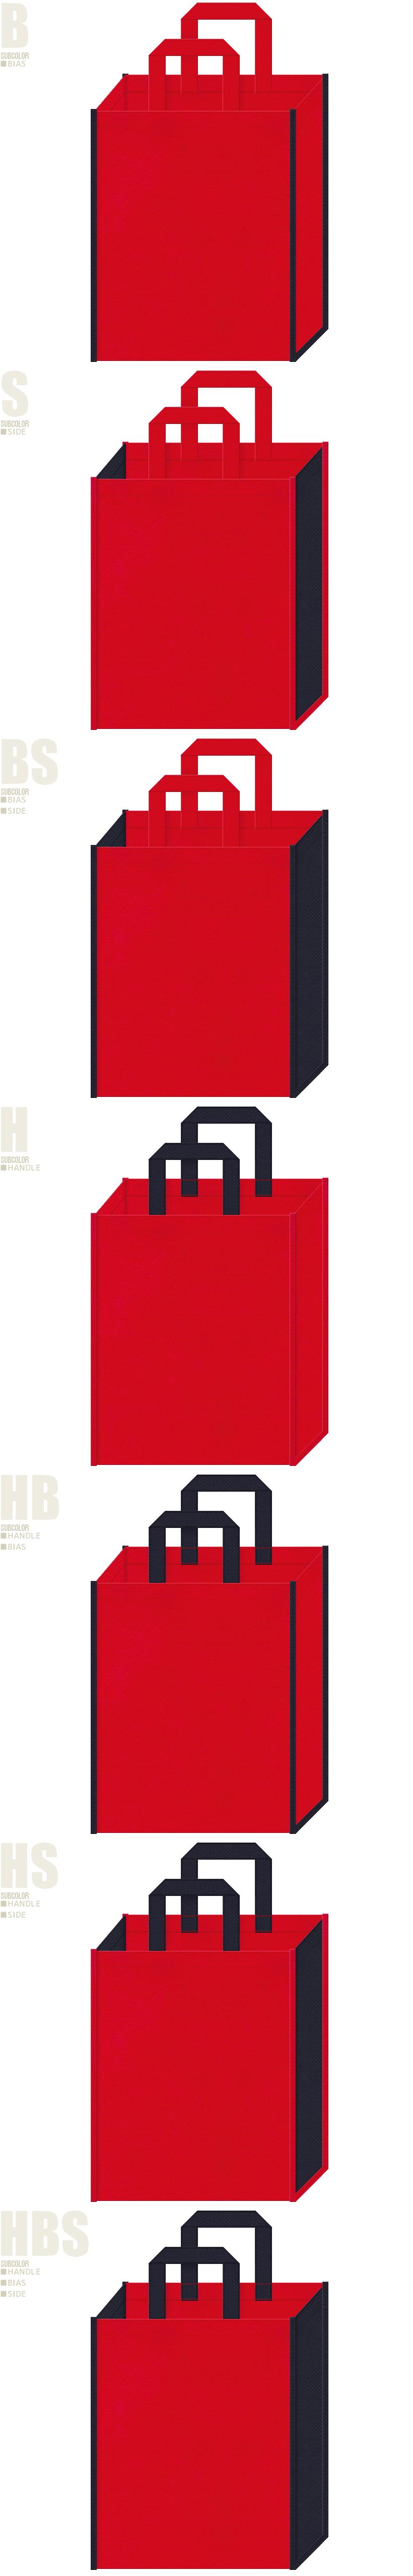 不織布トートバッグのデザイン:スポーティーファッションにお奨めの配色です。